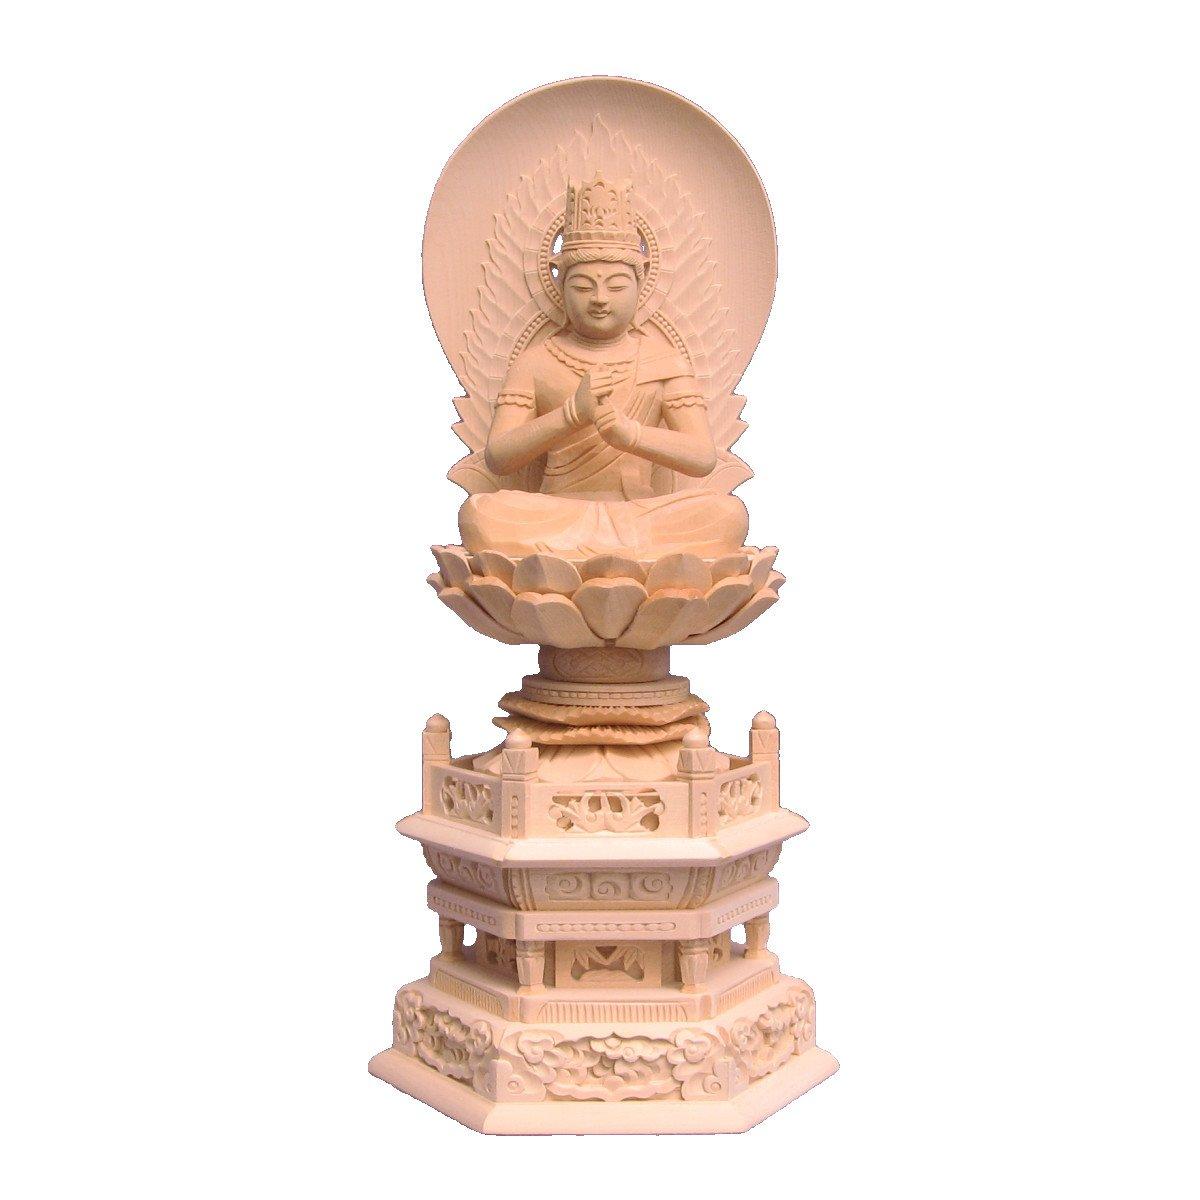 木彫仏像 大日如来(金剛界) 座像 3.0寸 日輪光背 六角台 桧木 B01LN0O3US